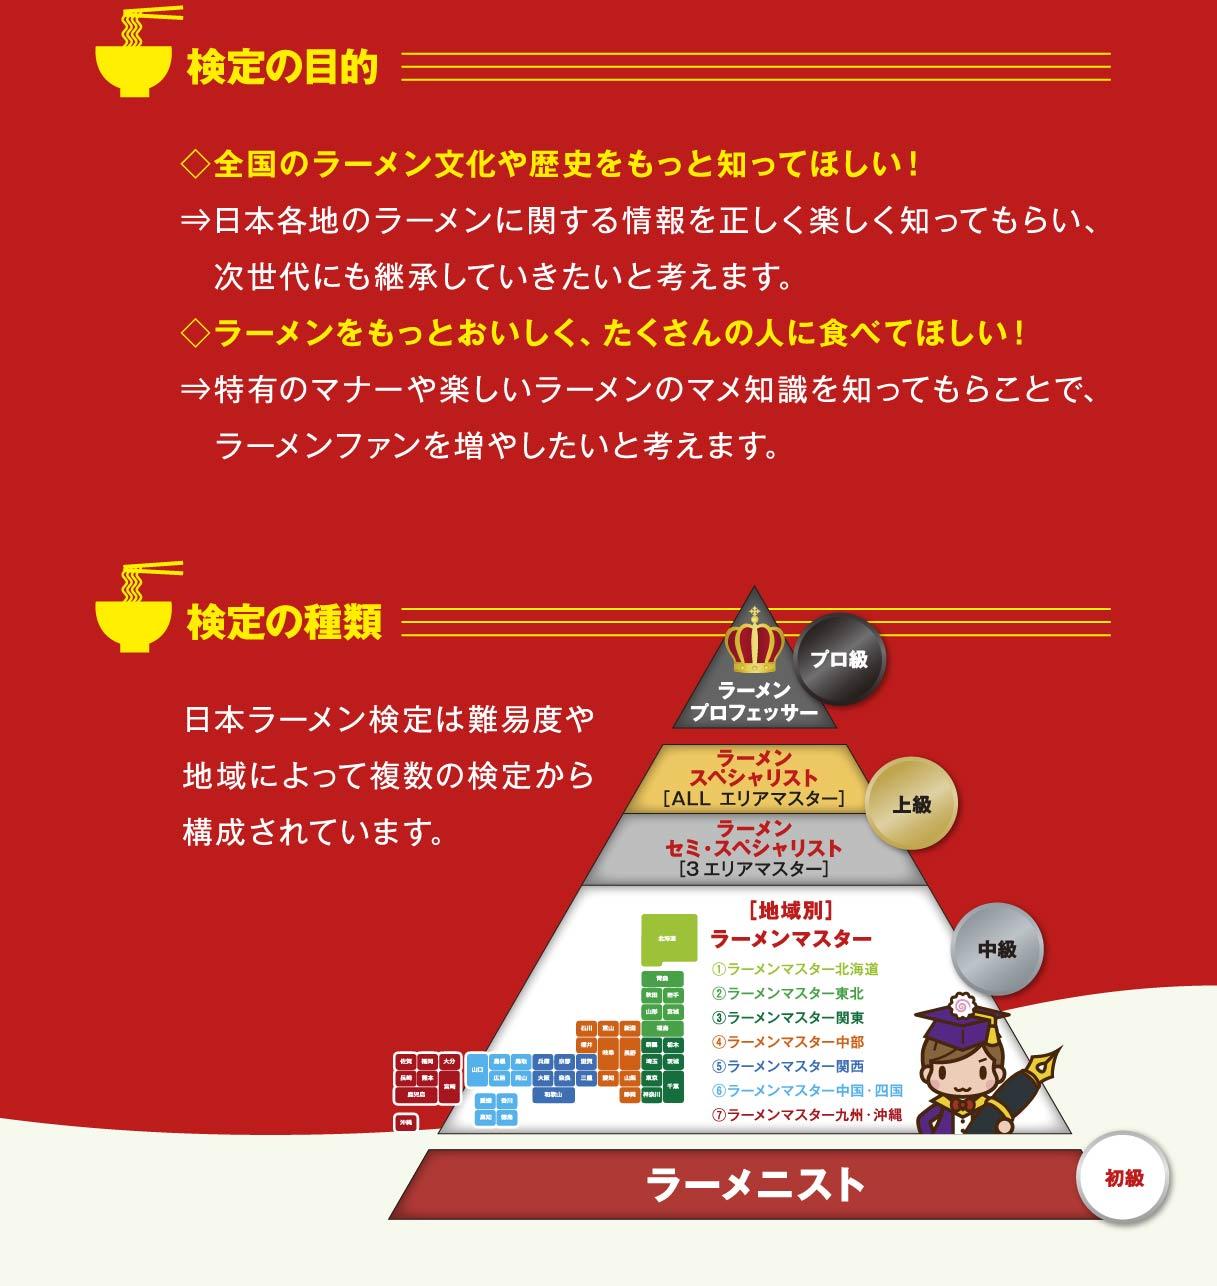 検定の目的 全国のラーメン文化や歴史をもっと知ってほしい!⇒日本各地のラーメンに関する情報を正しく楽しく知ってもらい、次世代にも継承していきたいと考えます。 ラーメンをもっとおいしく、たくさんの人に食べてほしい!⇒特有のマナーや楽しいラーメンのマメ知識を知ってもらことで、ラーメンファンを増やしたいと考えます。検定の種類 日本ラーメン検定は難易度や地域によって複数の検定から構成されています。 ラーメンプロフェッサー【プロ級】 ラーメンスペシャリスト(ALLエリアマスター)・ラーメンセミスペシャリスト(3エリアマスター)【上級】 地域別ラーメンマスター ①ラーメンマスター北海道②ラーメンマスター東北③ラーメンマスター関東④ラーメンマスター中部⑤ラーメンマスター関西⑥ラーメンマスター中国・四国⑦ラーメンマスター九州・沖縄【中級】 ラーメニスト【初級】